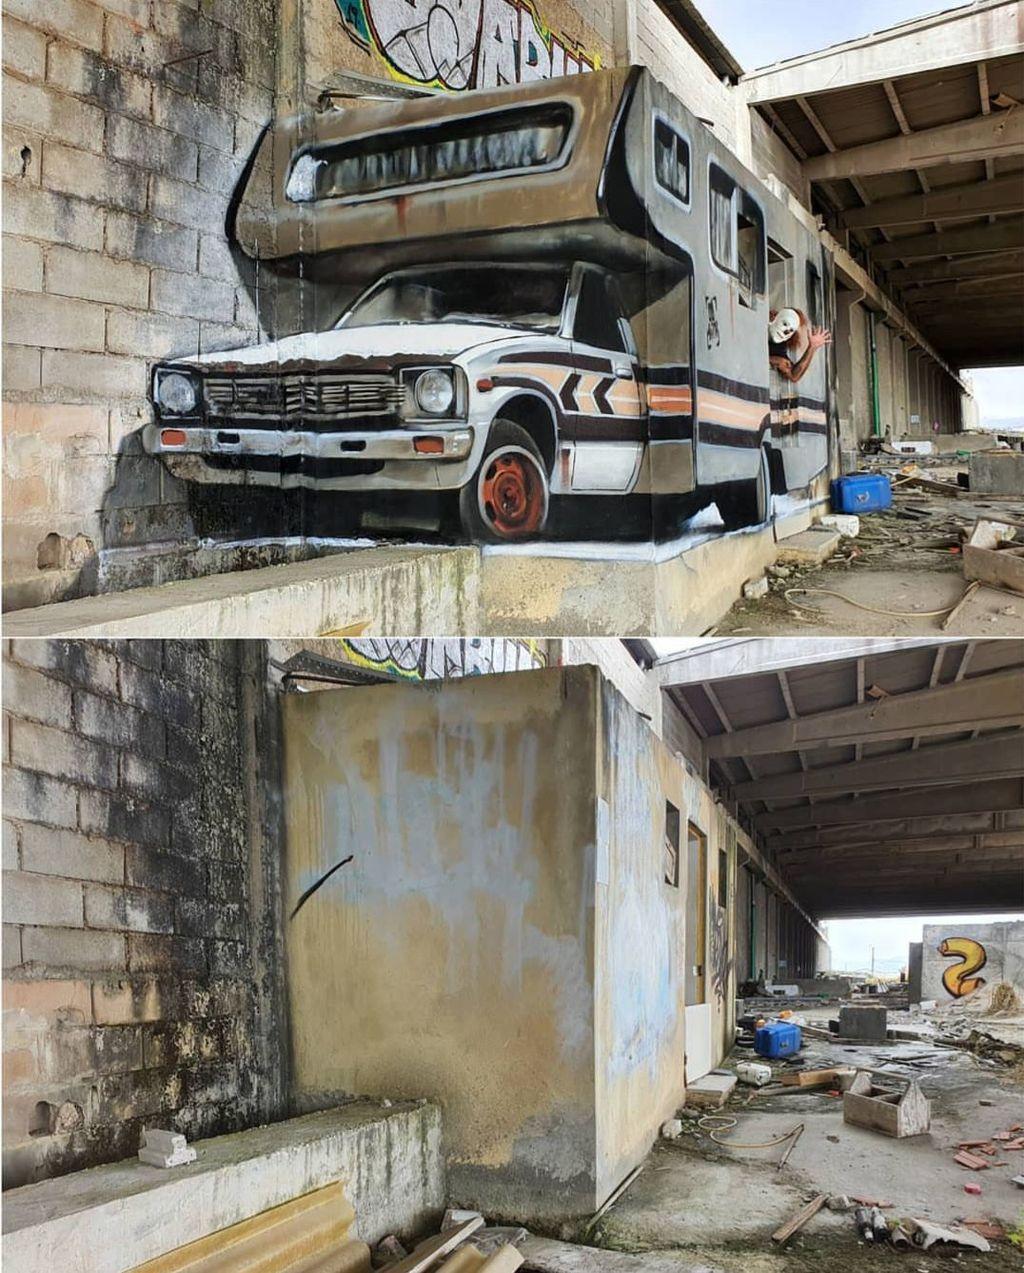 Dia adalah Sergio Odeith seorang pria asal Portugal yang sudah berkecimpung lama di dunia grafiti. (Foto: instagram/odeith)